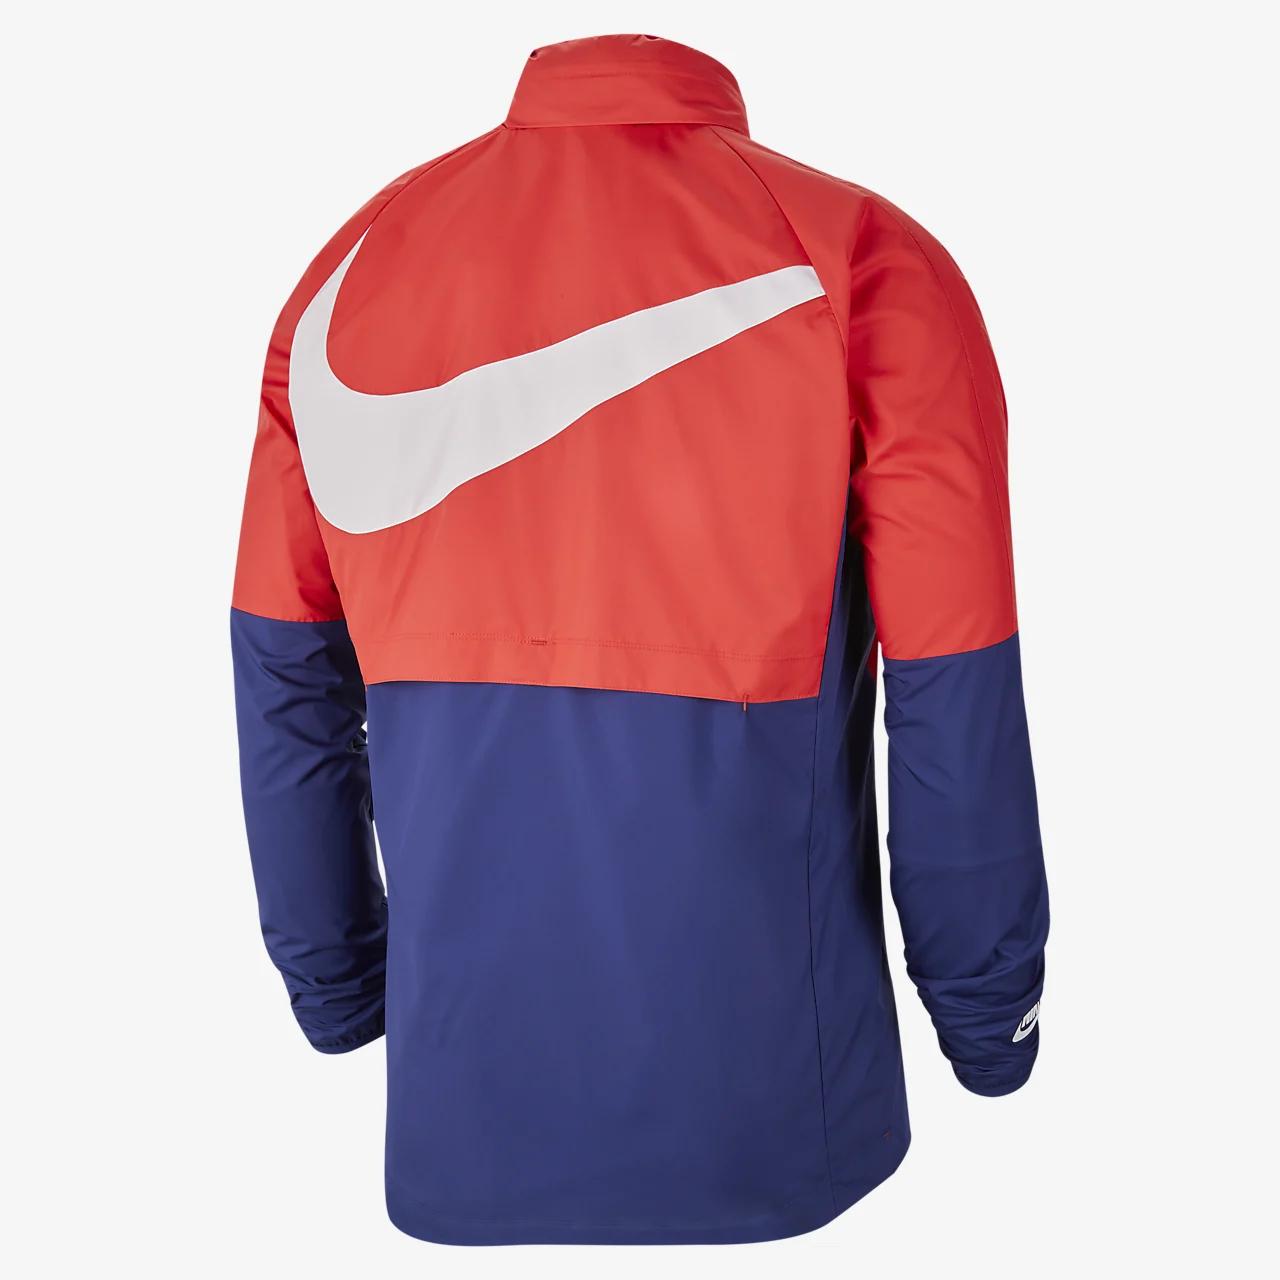 미국 남자 워터-리펠런트 축구 재킷 CN7075-688